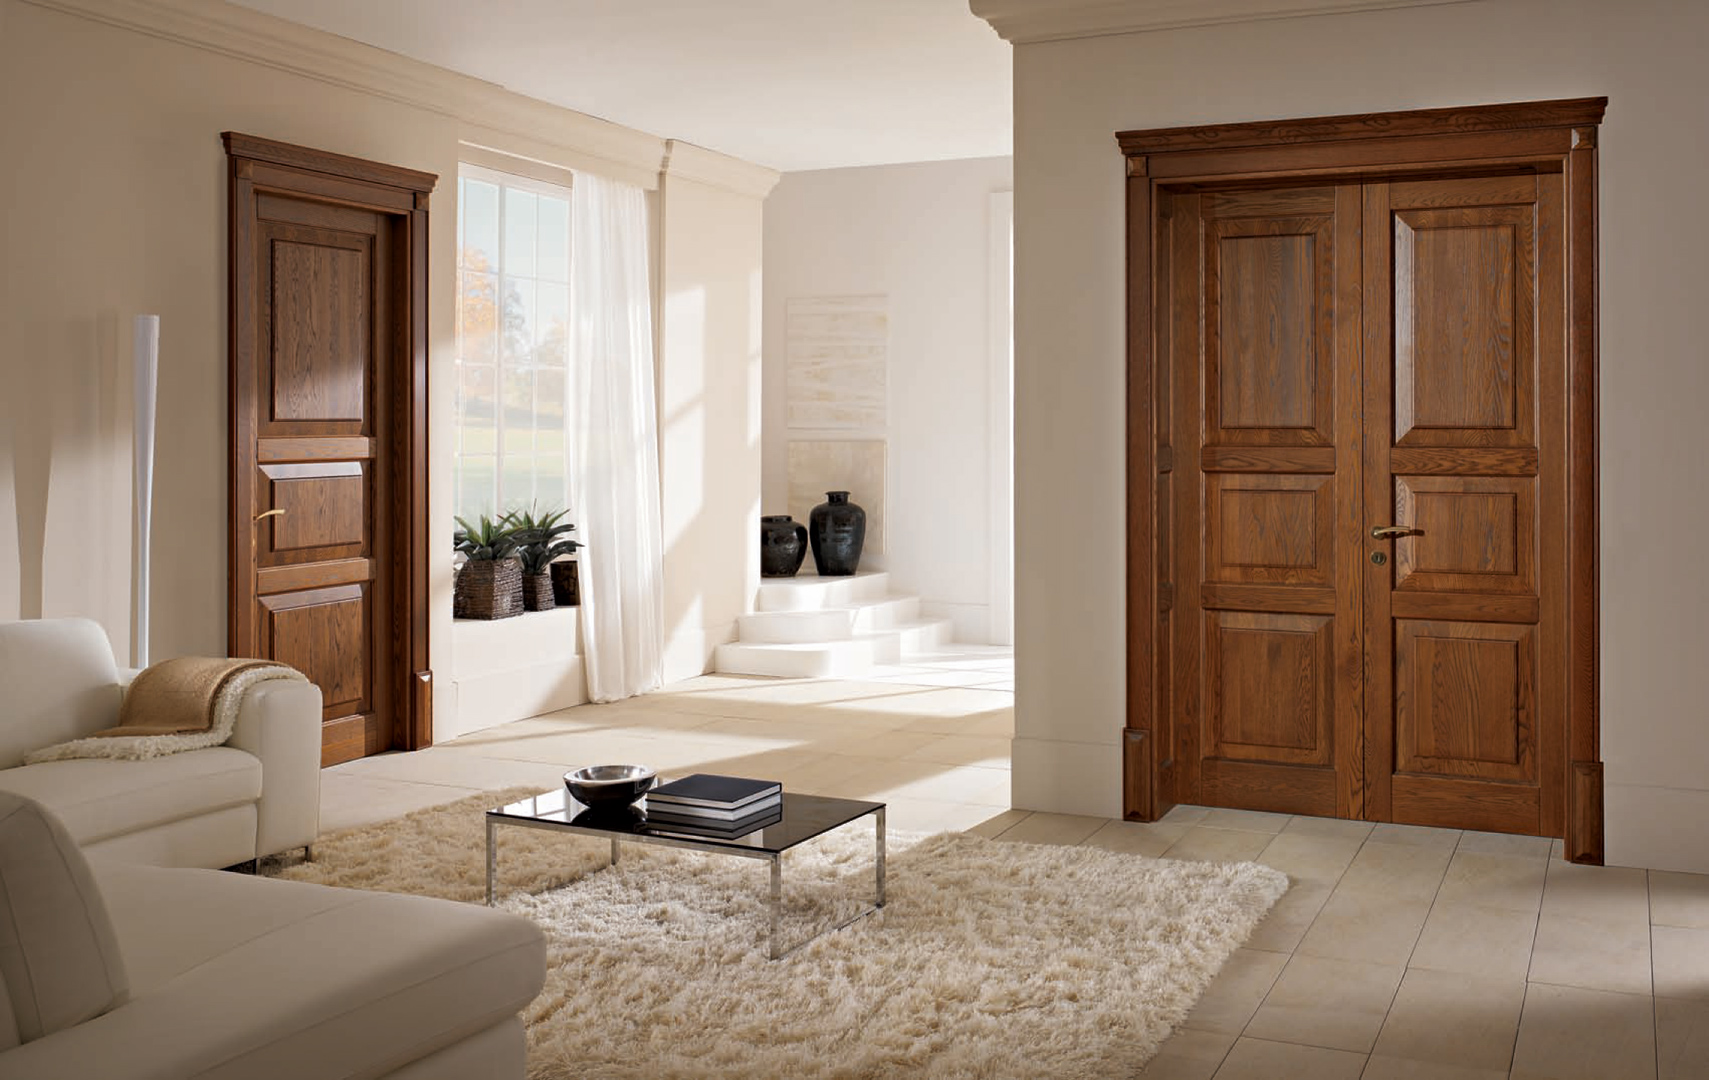 Интерьеры квартир с деревянными дверьми